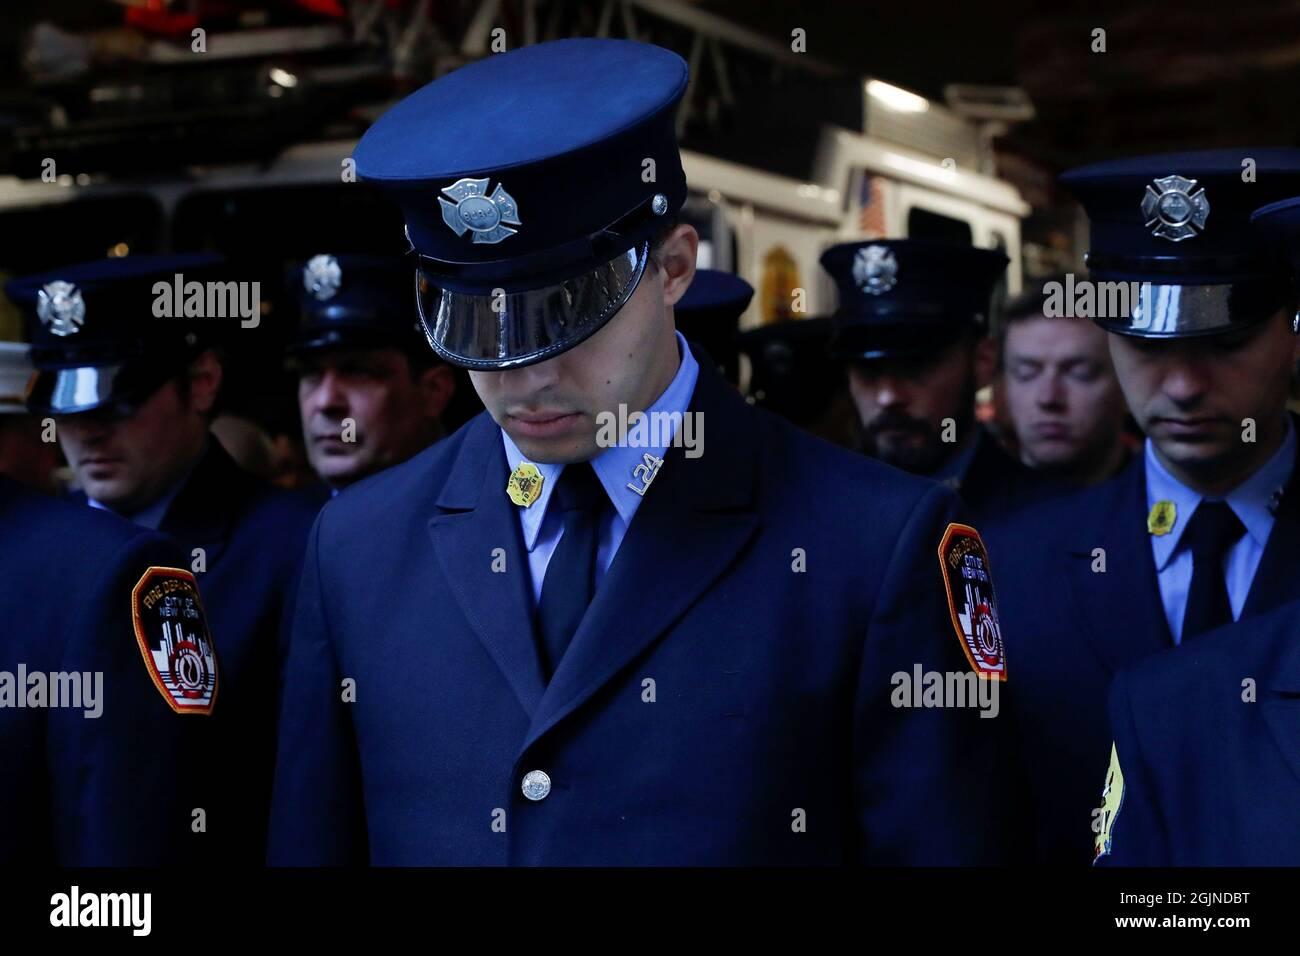 Les pompiers assistent à une cérémonie marquant le 20e anniversaire des attaques du 11 septembre 2001, au foyer de pompiers FDNY Engine 1/Ladder 24 à New York City, New York, États-Unis, le 11 septembre 2021. REUTERS/Shannon Stapleton Banque D'Images